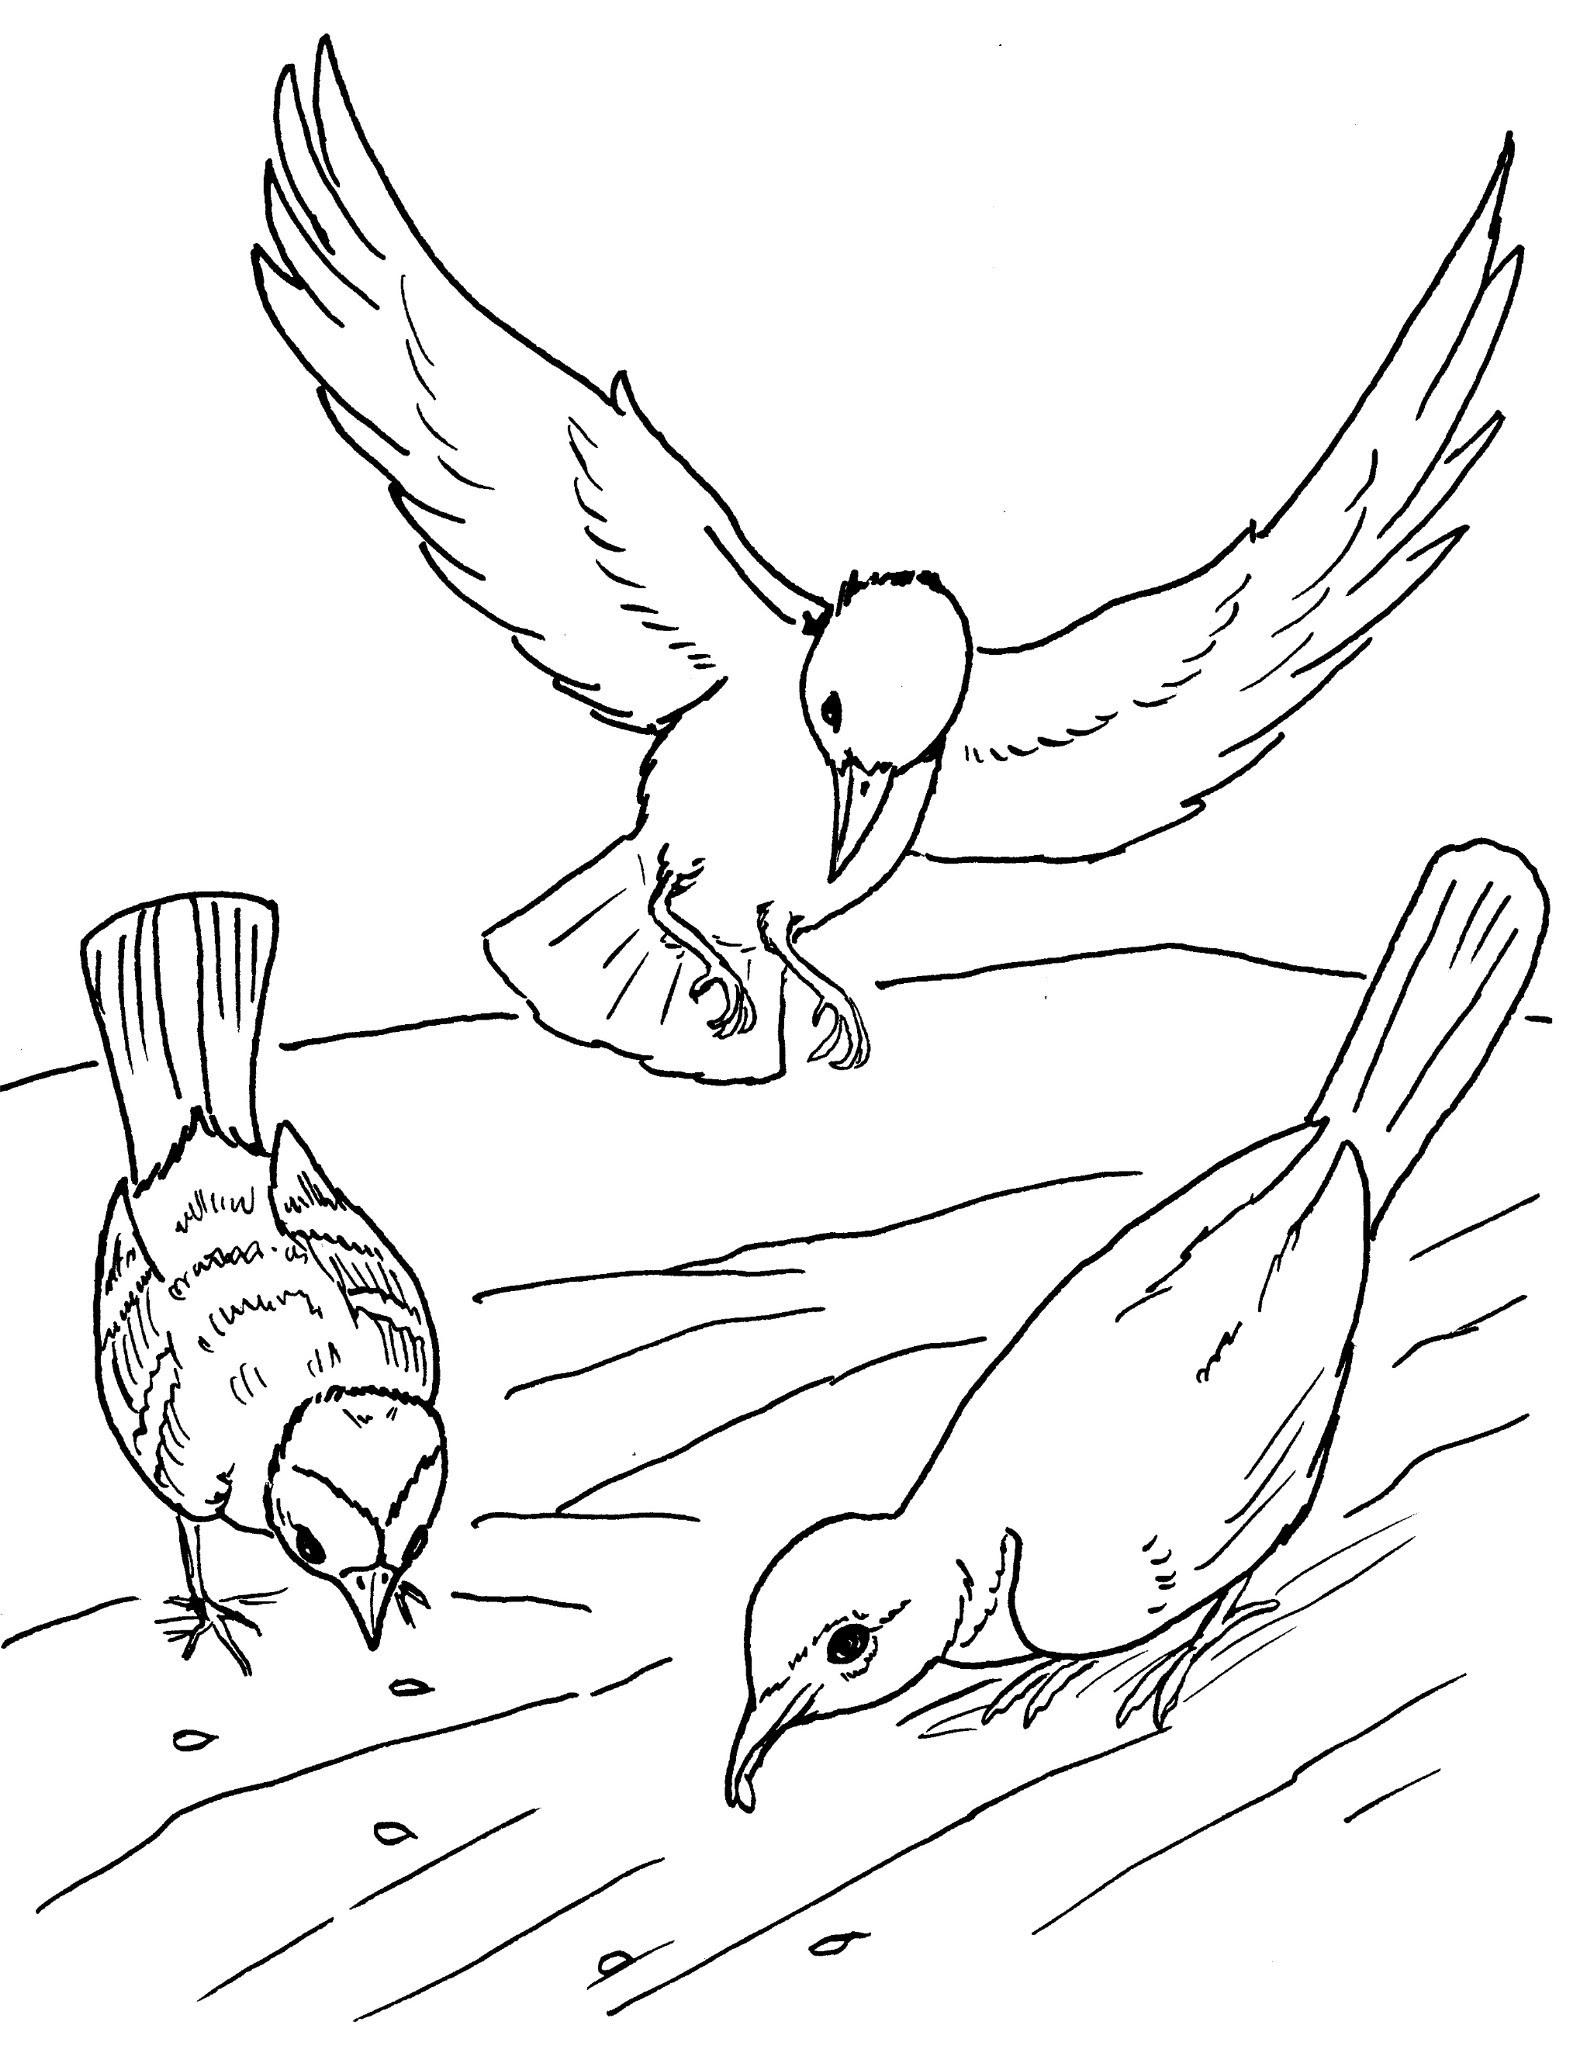 Dessin de oiseau gratuit a imprimer et colorier